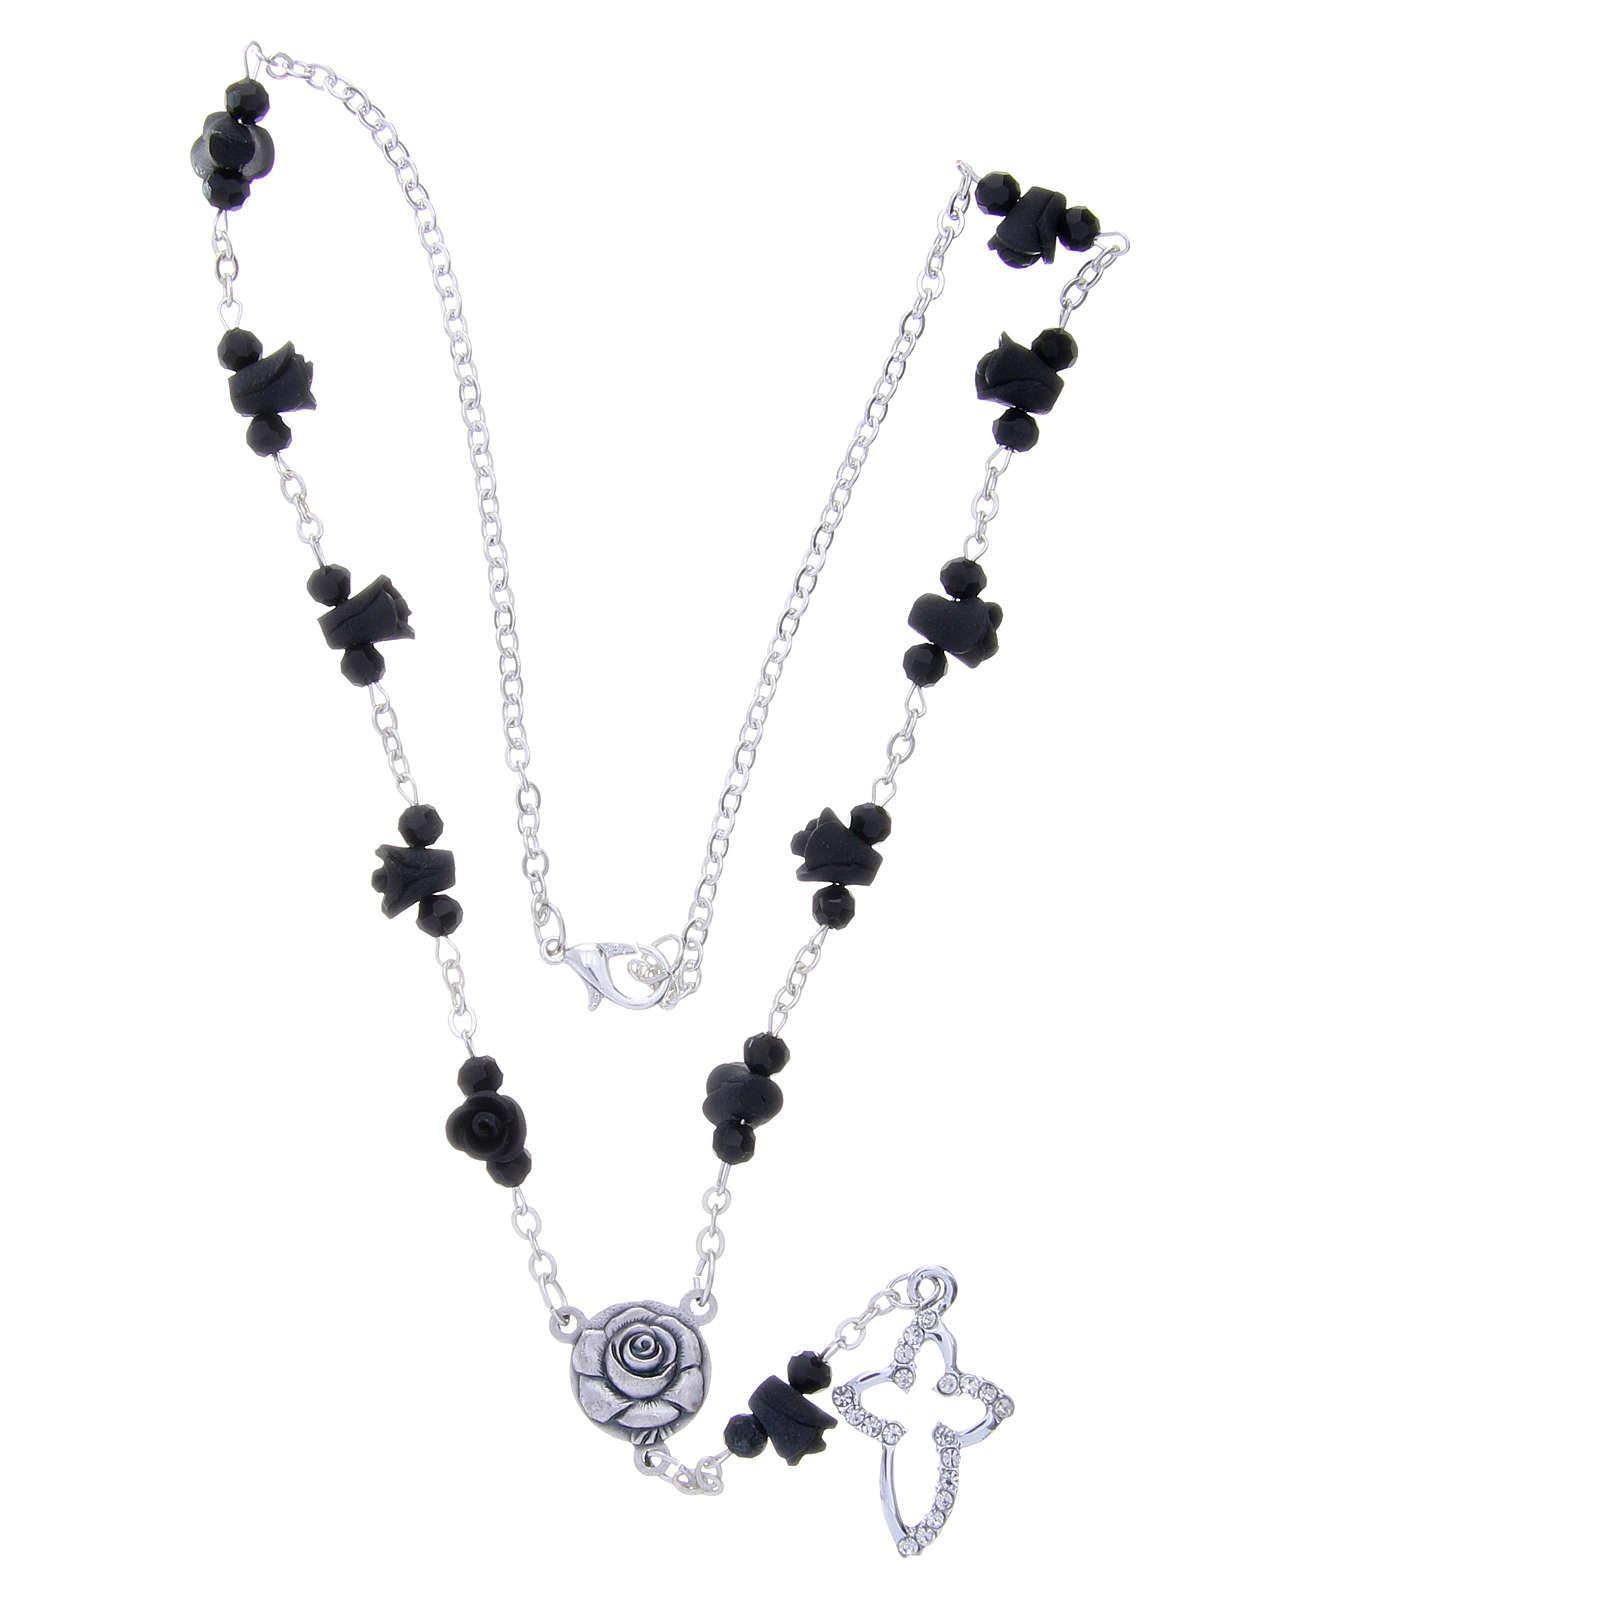 Collier chapelet Medjugorje roses noires céramique grains cristal 4